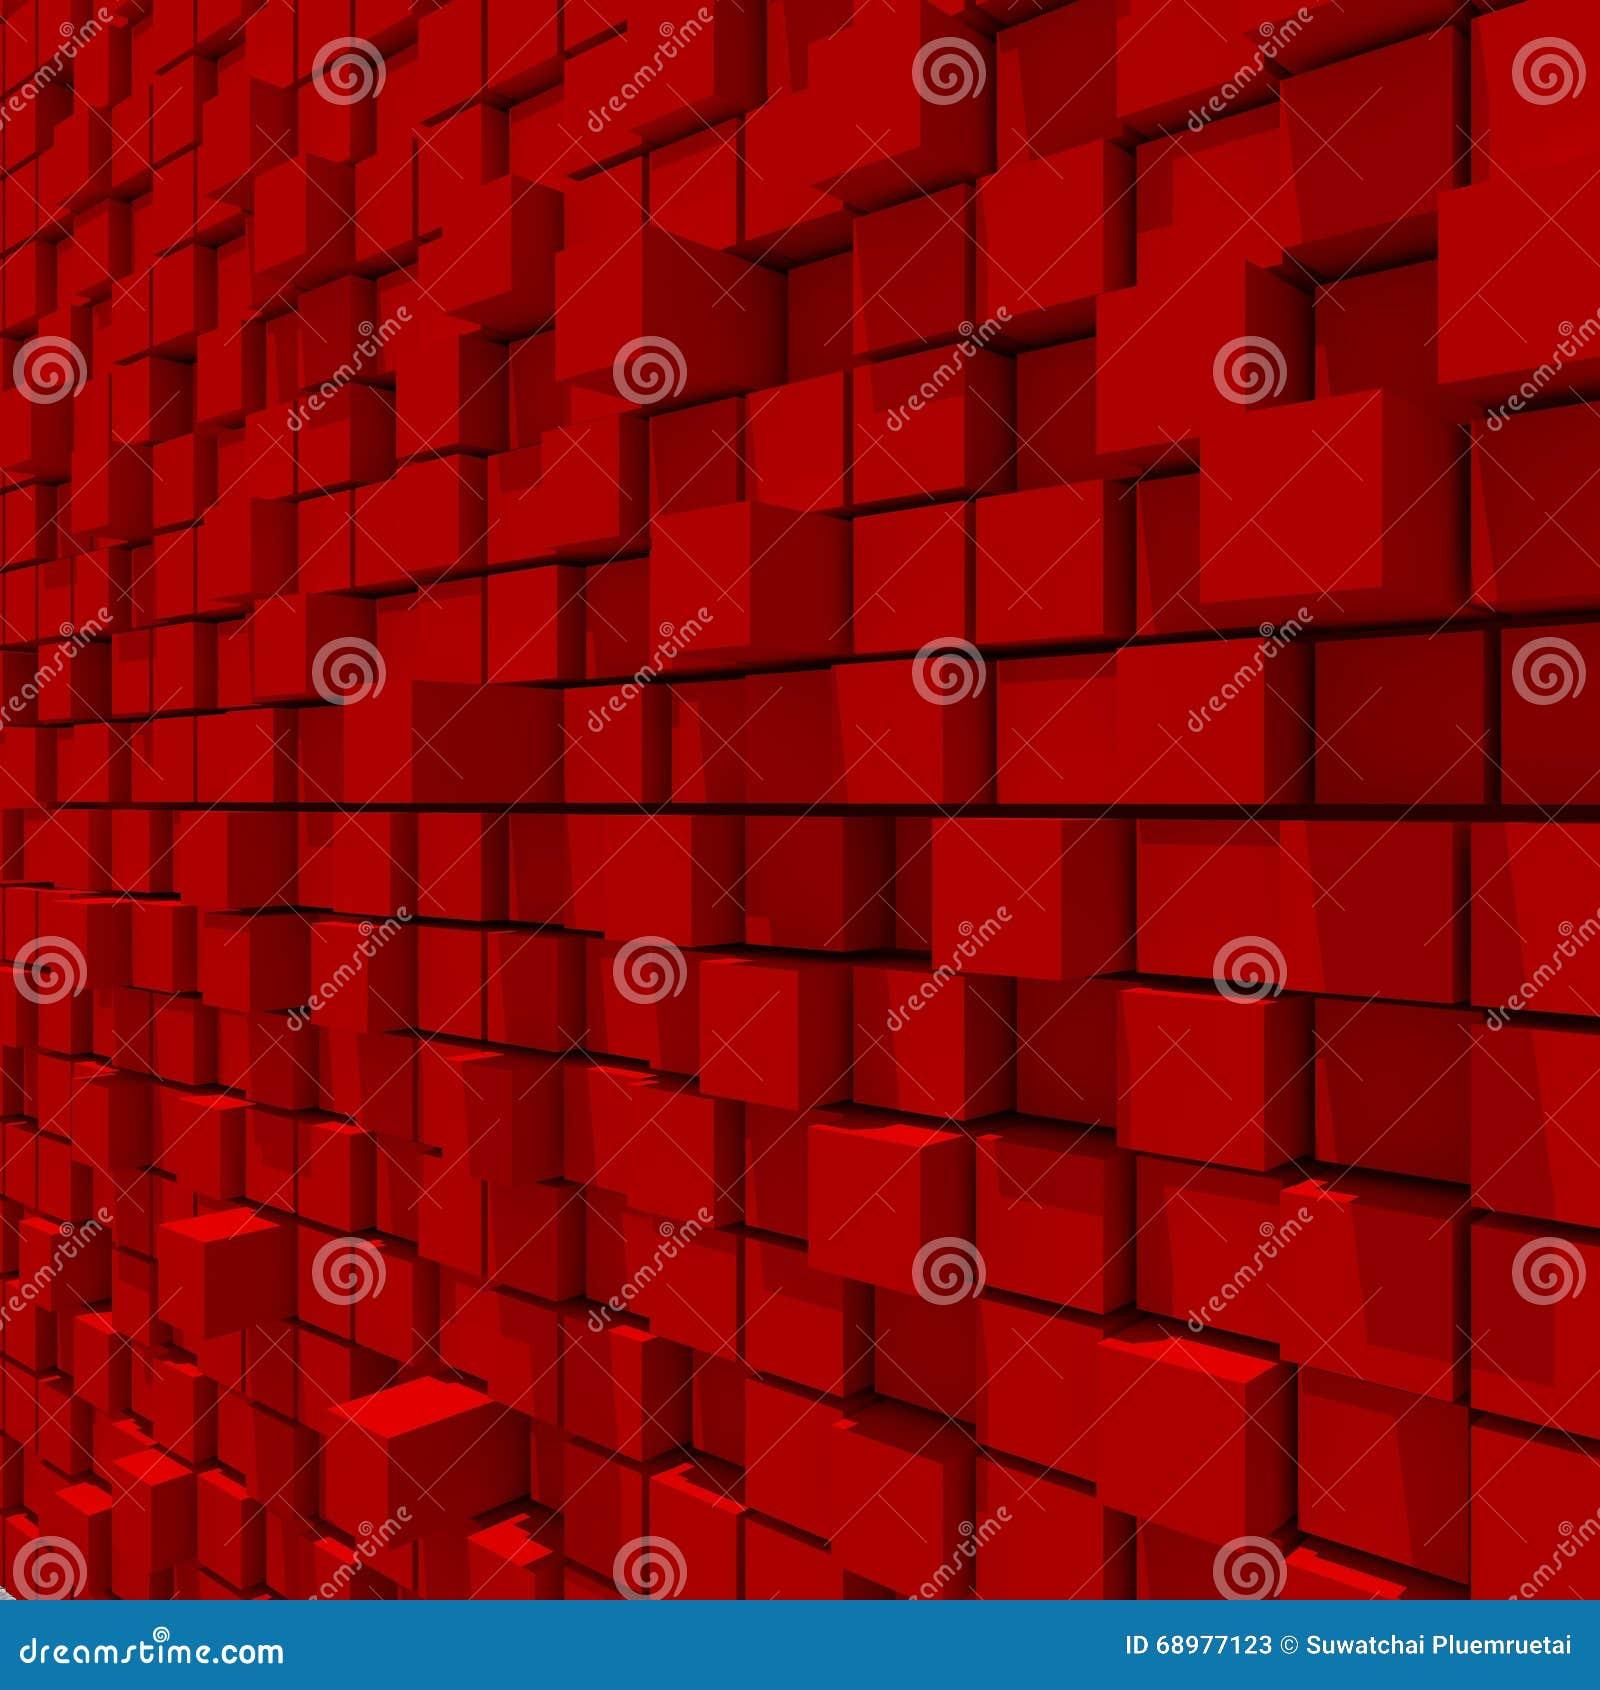 Representación 3d del fondo llano al azar cúbico rojo